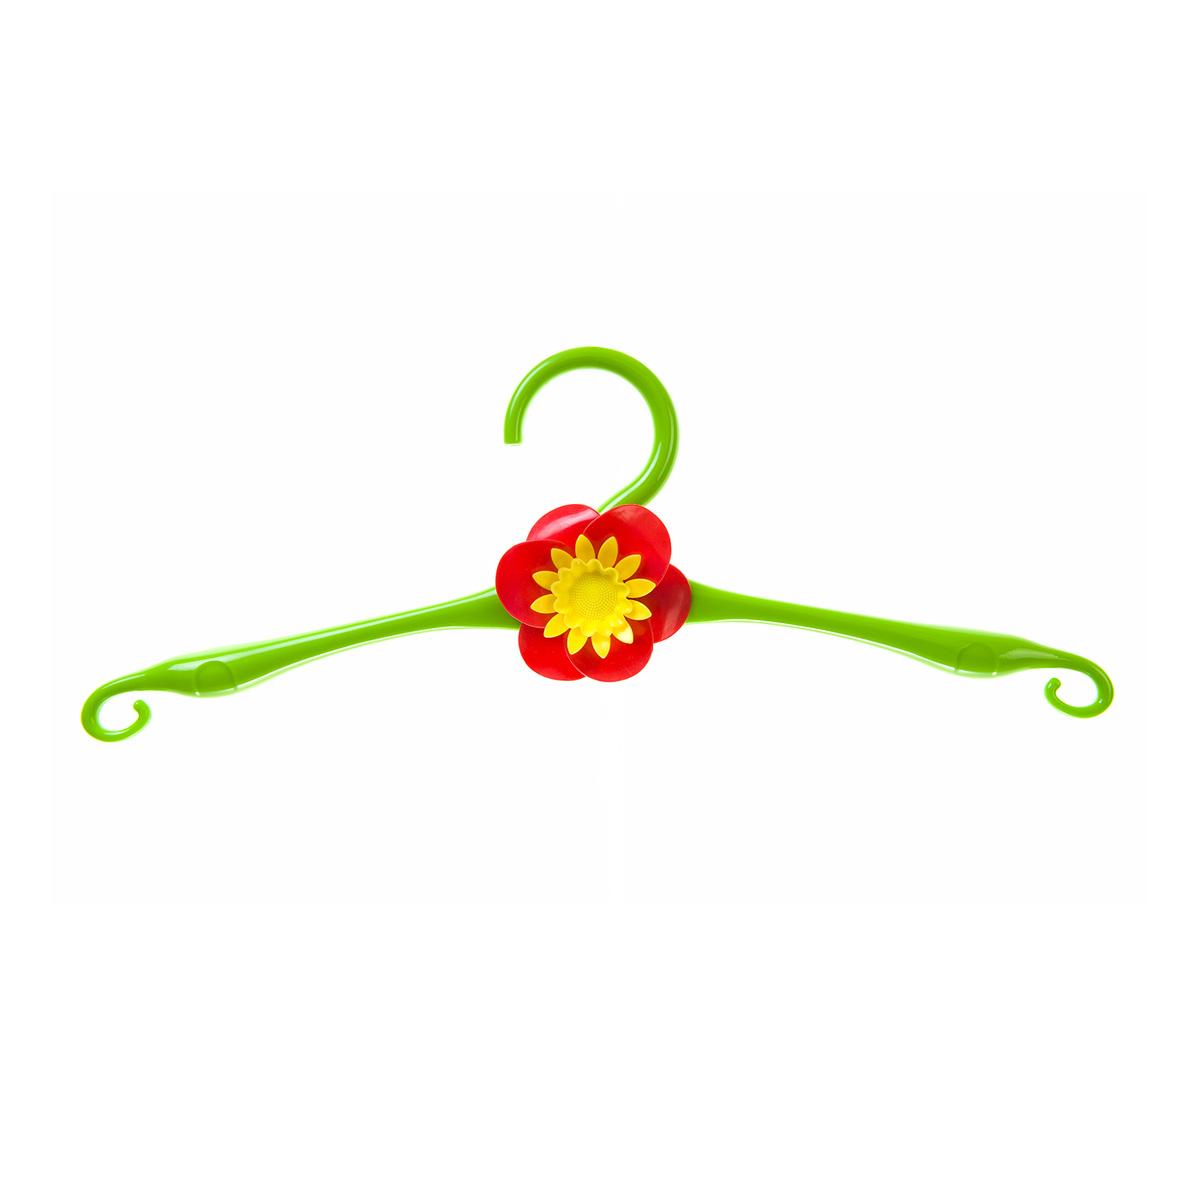 Вешалка HomeQueen, пластиковая, цвет: зеленый, длина 41 смБрелок для ключейВешалка для одежды HomeQueen, выполненная из пластика, идеально подойдет для разного вида одежды. Она имеет надежный крючок и плечики с крючками по краям. Вешалка оформлена декоративным элементом в виде цветка. Вешалка - это незаменимая вещь для того, чтобы ваша одежда всегда оставалась в хорошем состоянии.Размер вешалки: 41 х 0,25 х 12,8 см.